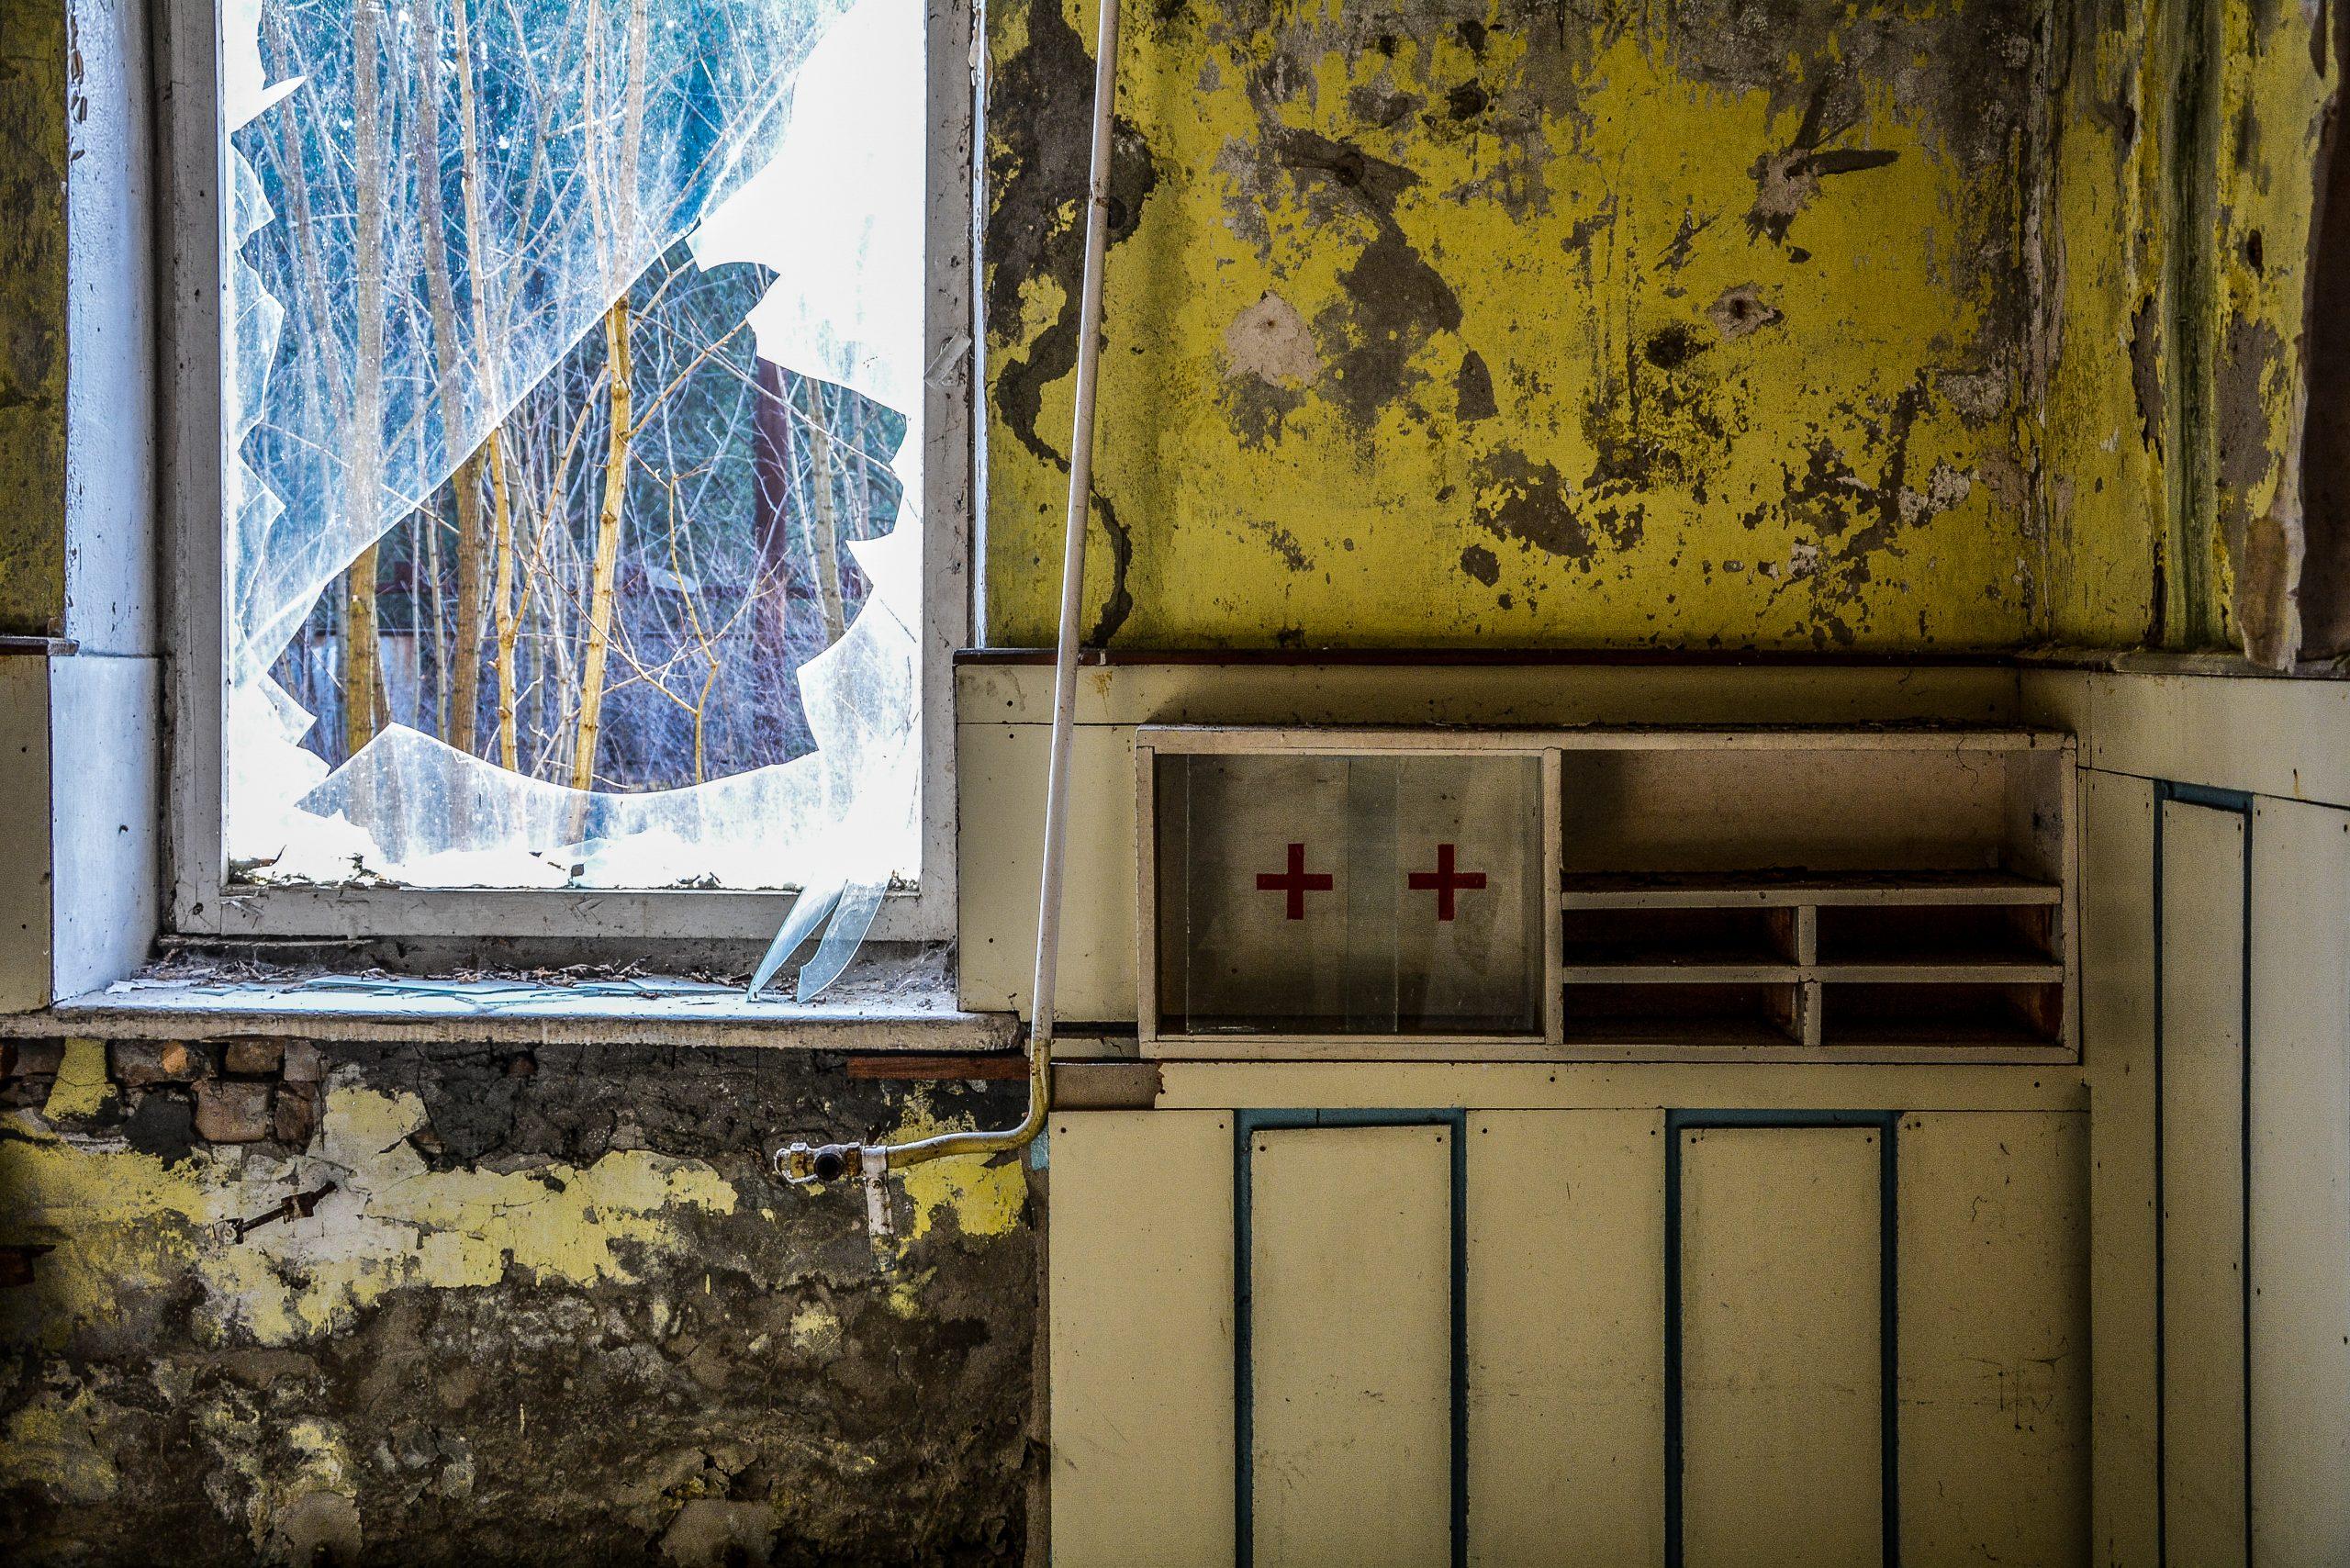 first aid case forst zinna adolf hitler lager luckenwalde juterbog sowjet kaserne soviet military barracks germany lost places urbex abandoned